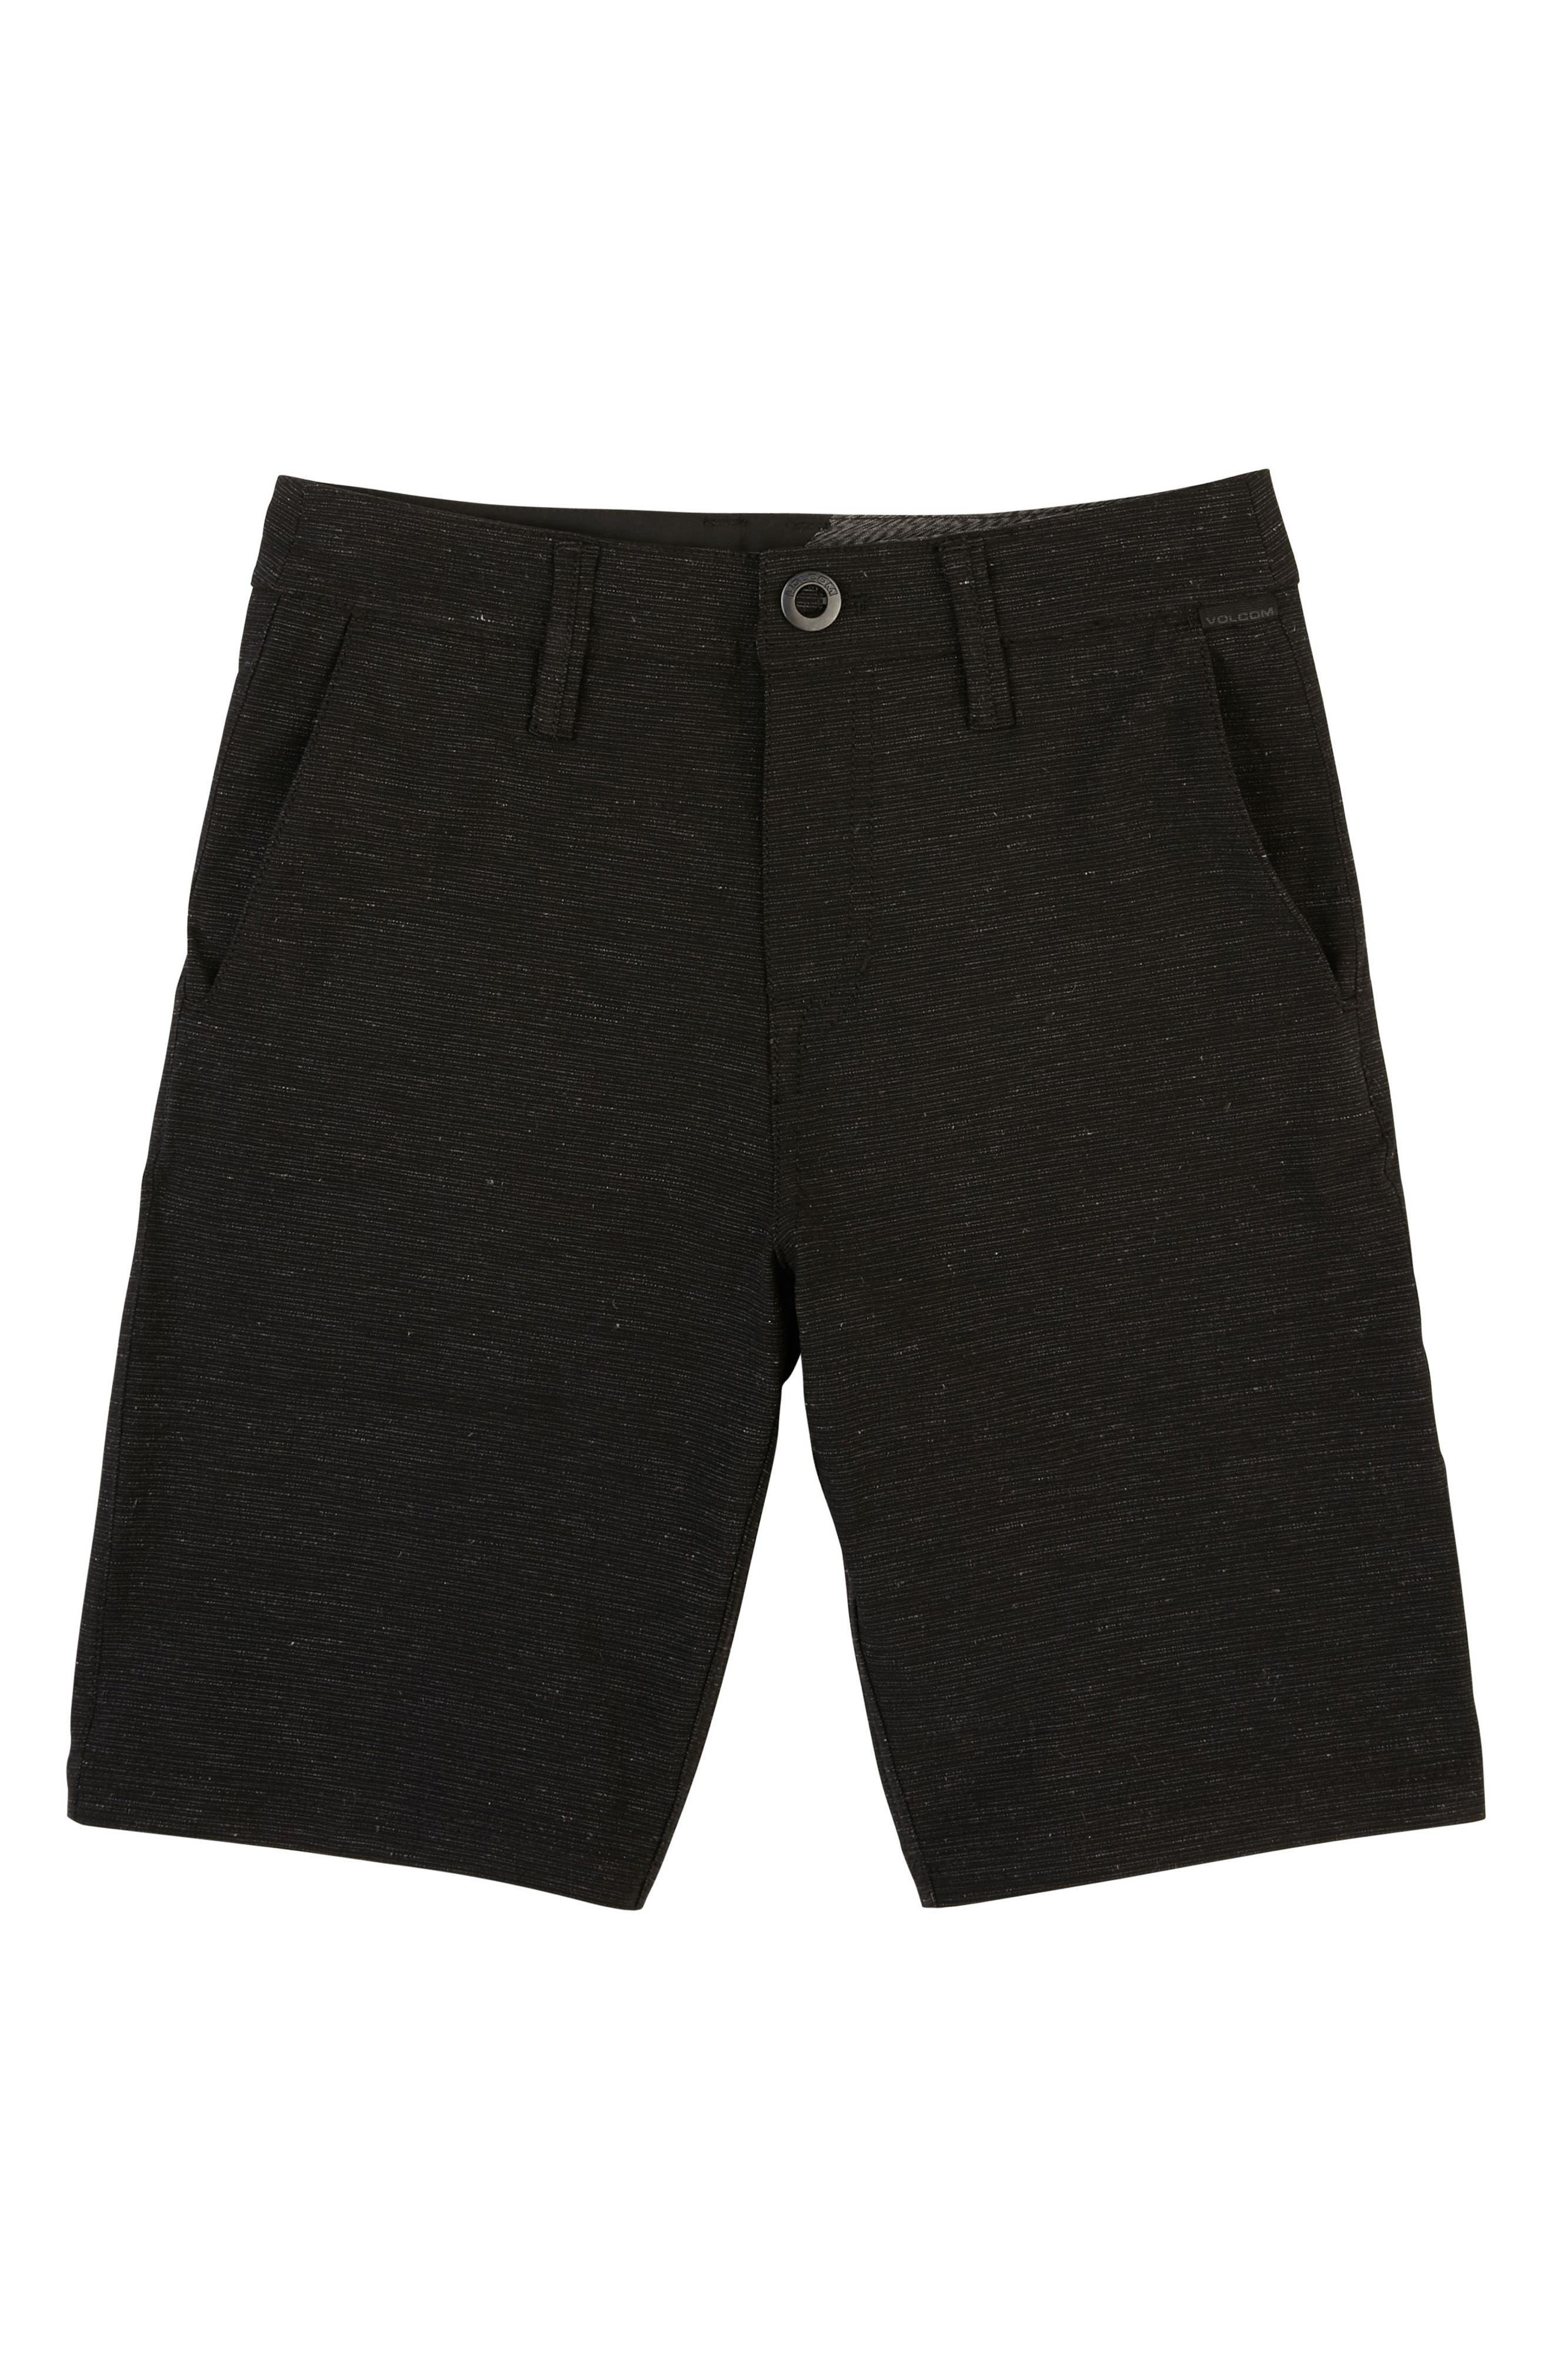 Main Image - Volcom Surf N' Turf Slub Hybrid Shorts (Big Boys)